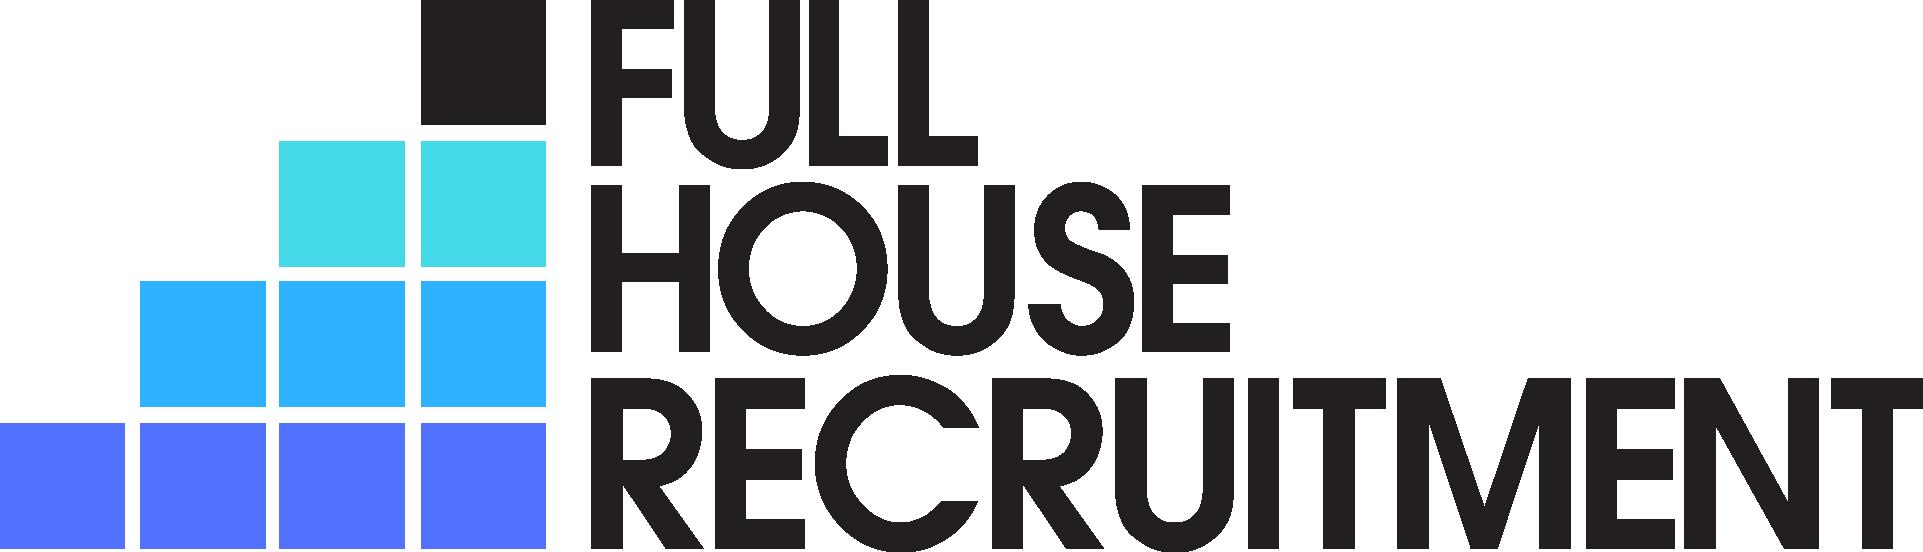 Full House Recruitment